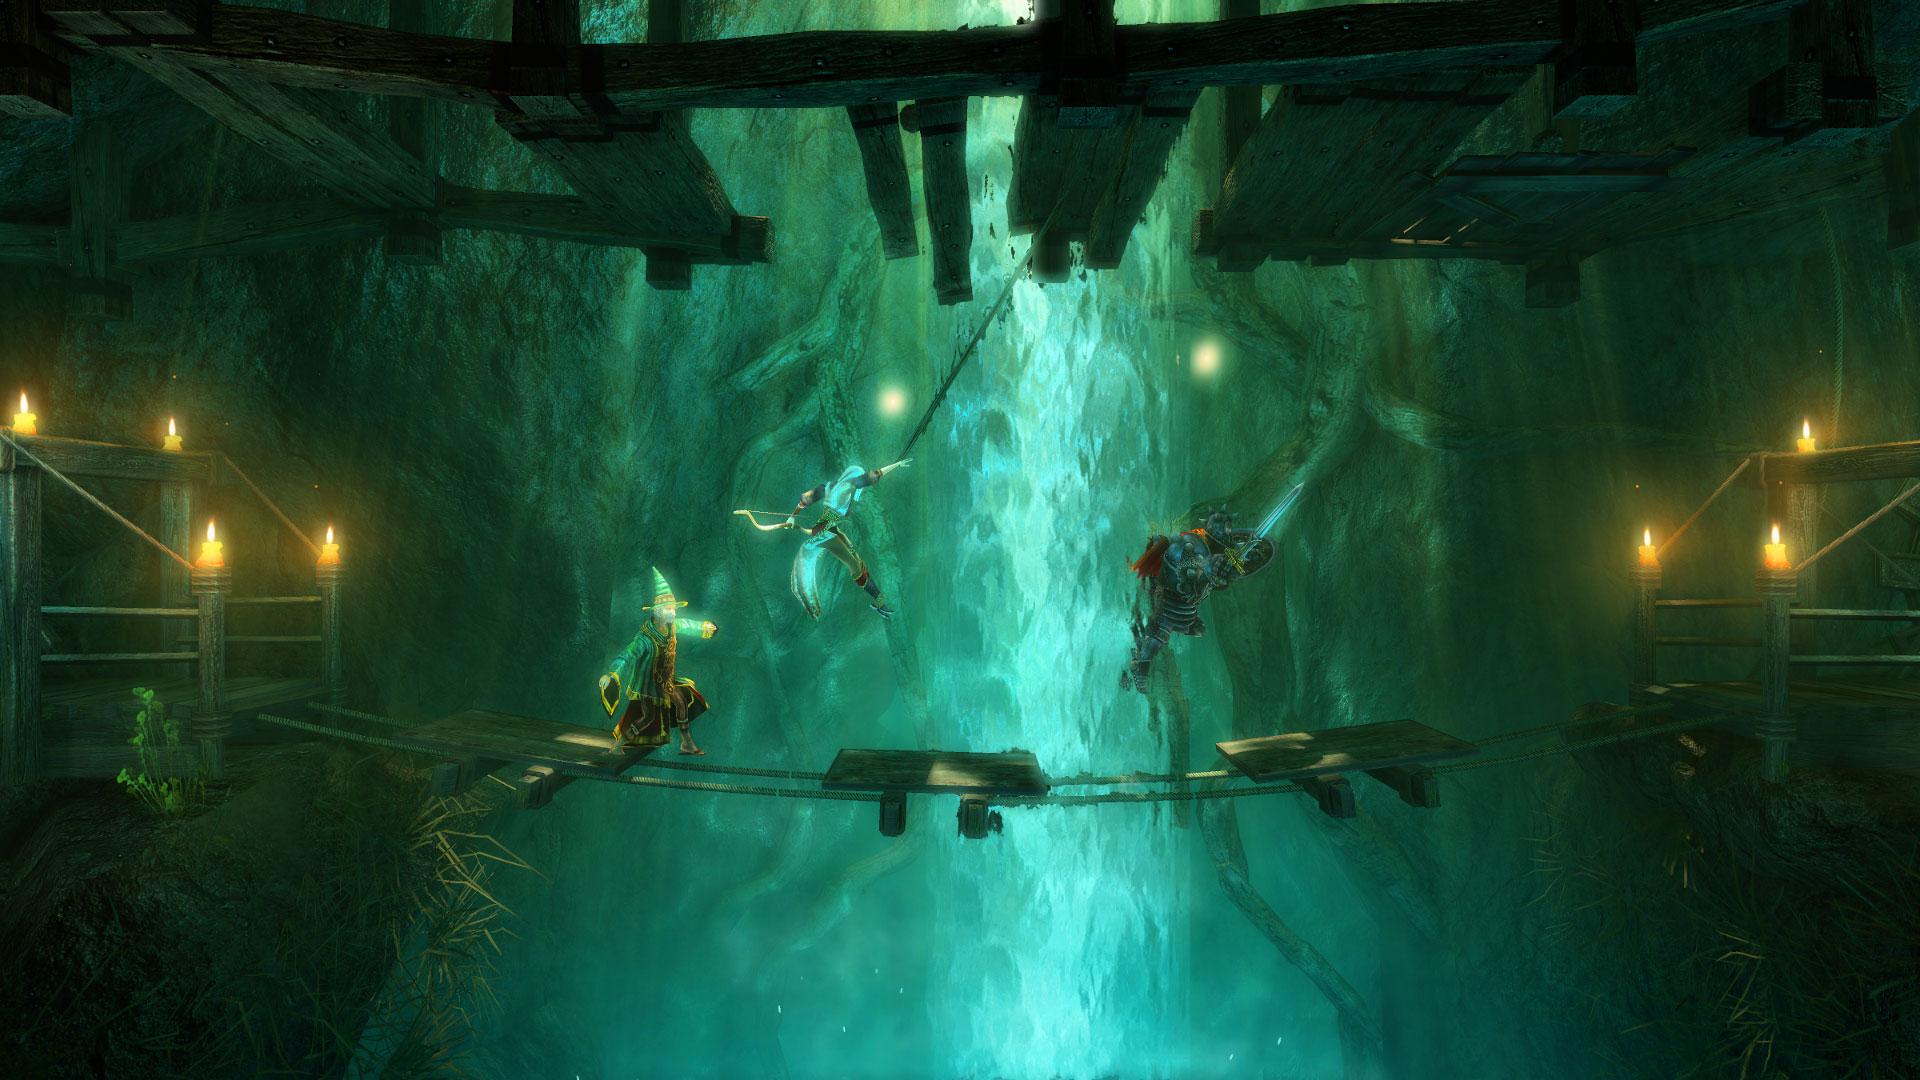 Underwater Ocean Wallpaper